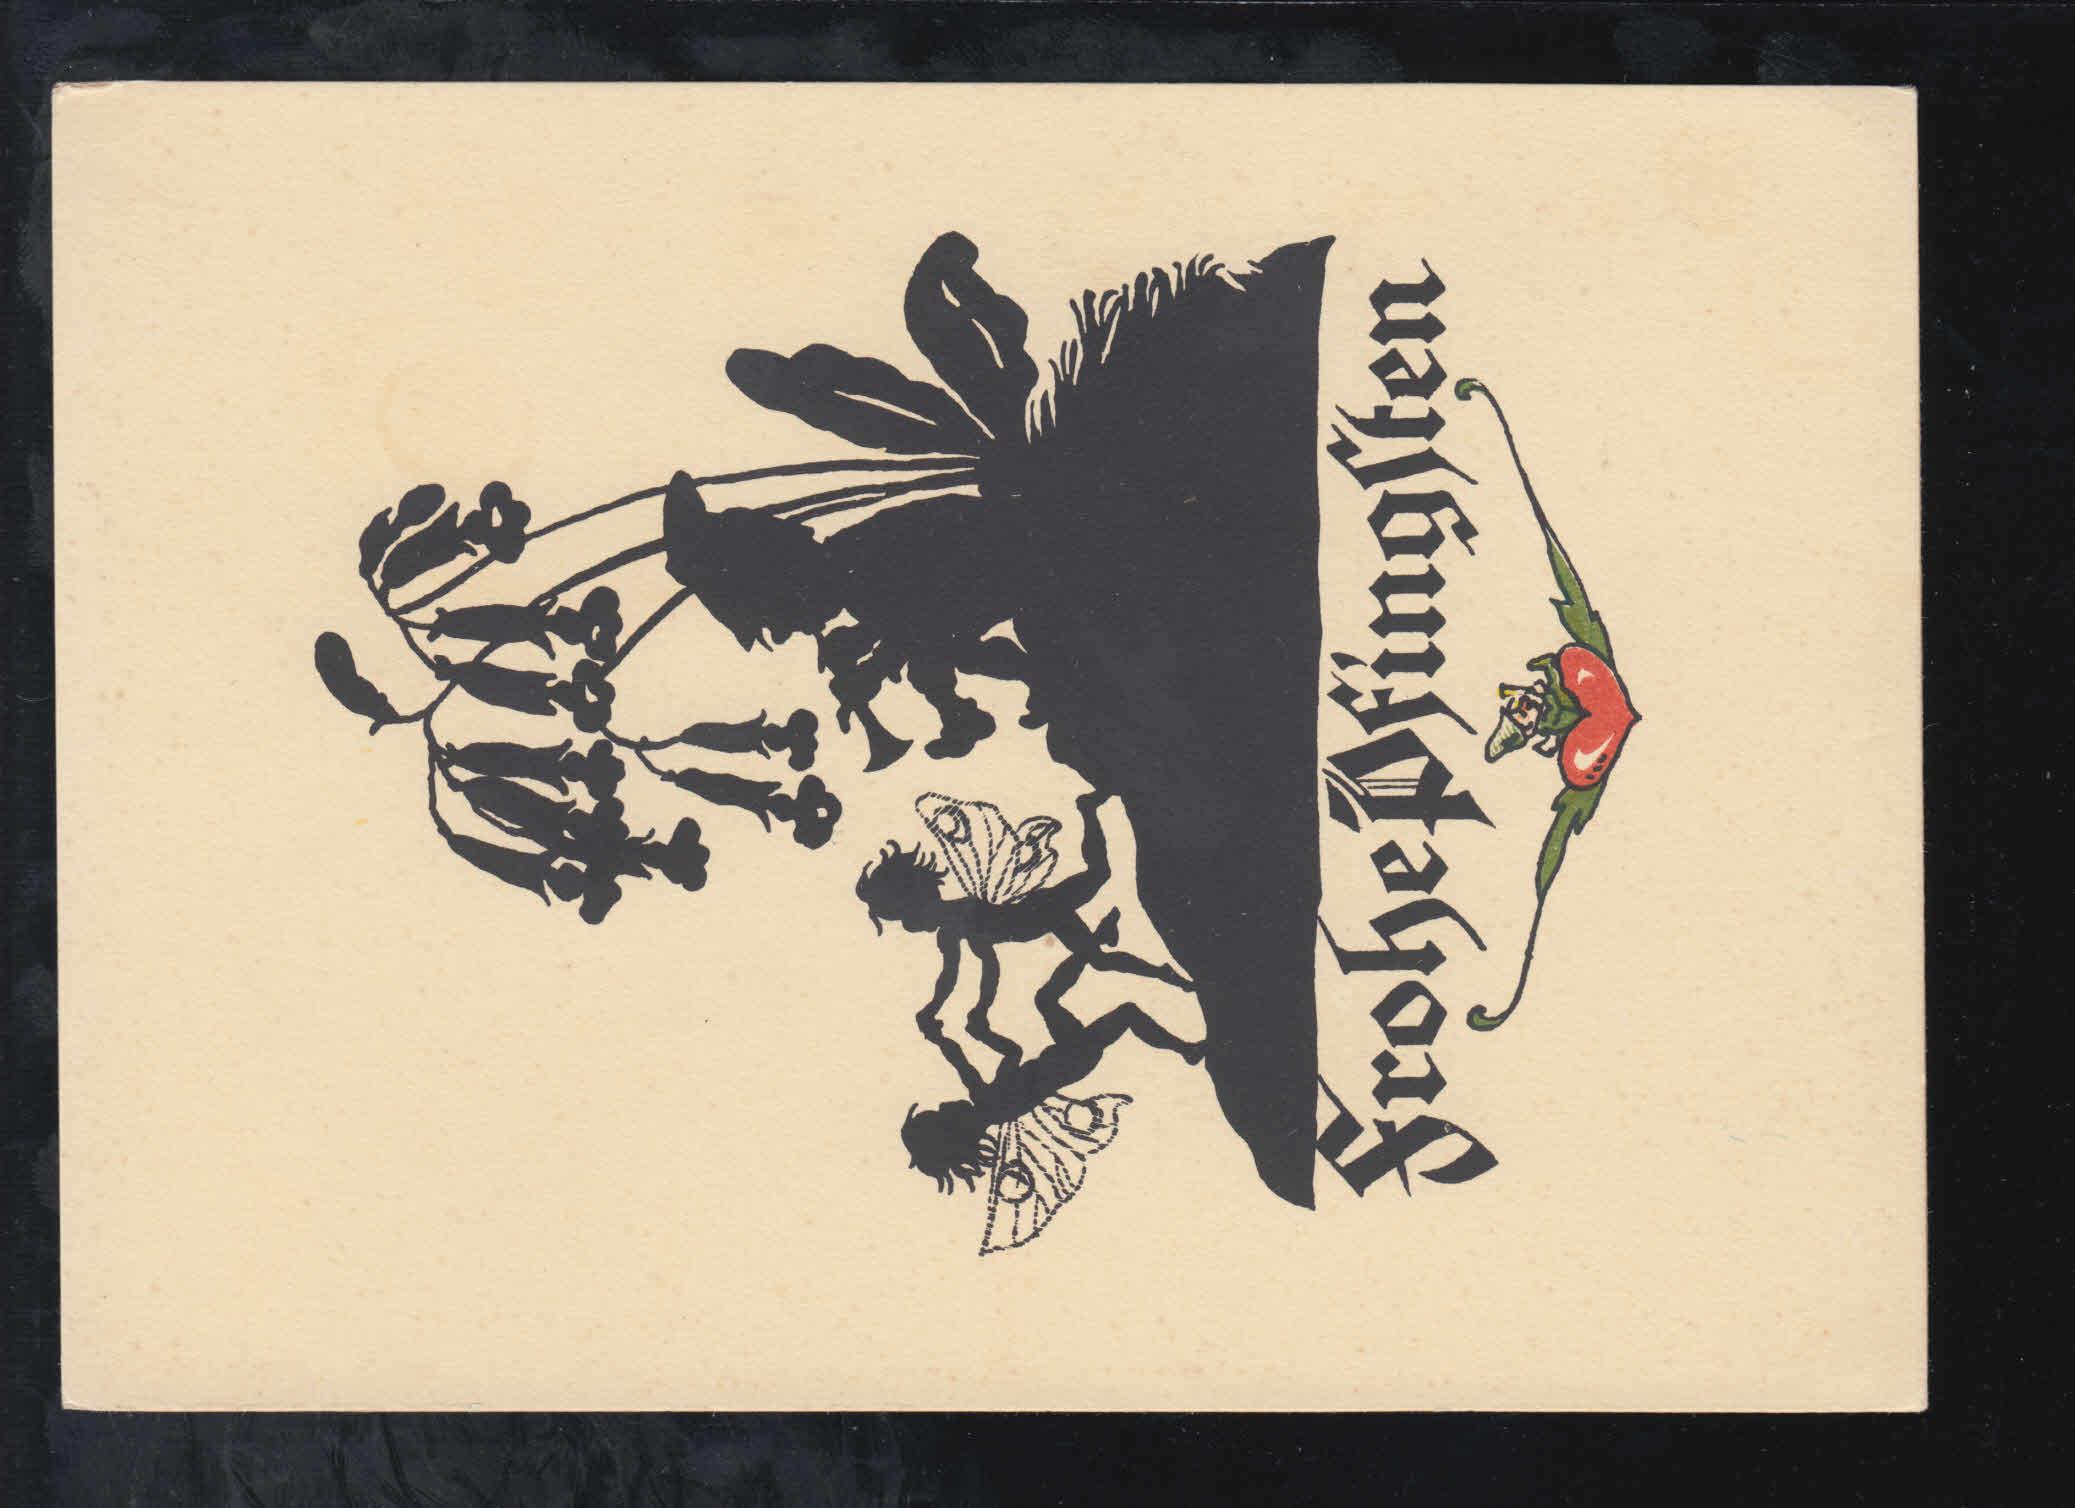 Briefe Mit Luftpost : Luftpost mit befördert chemnitz drucksache